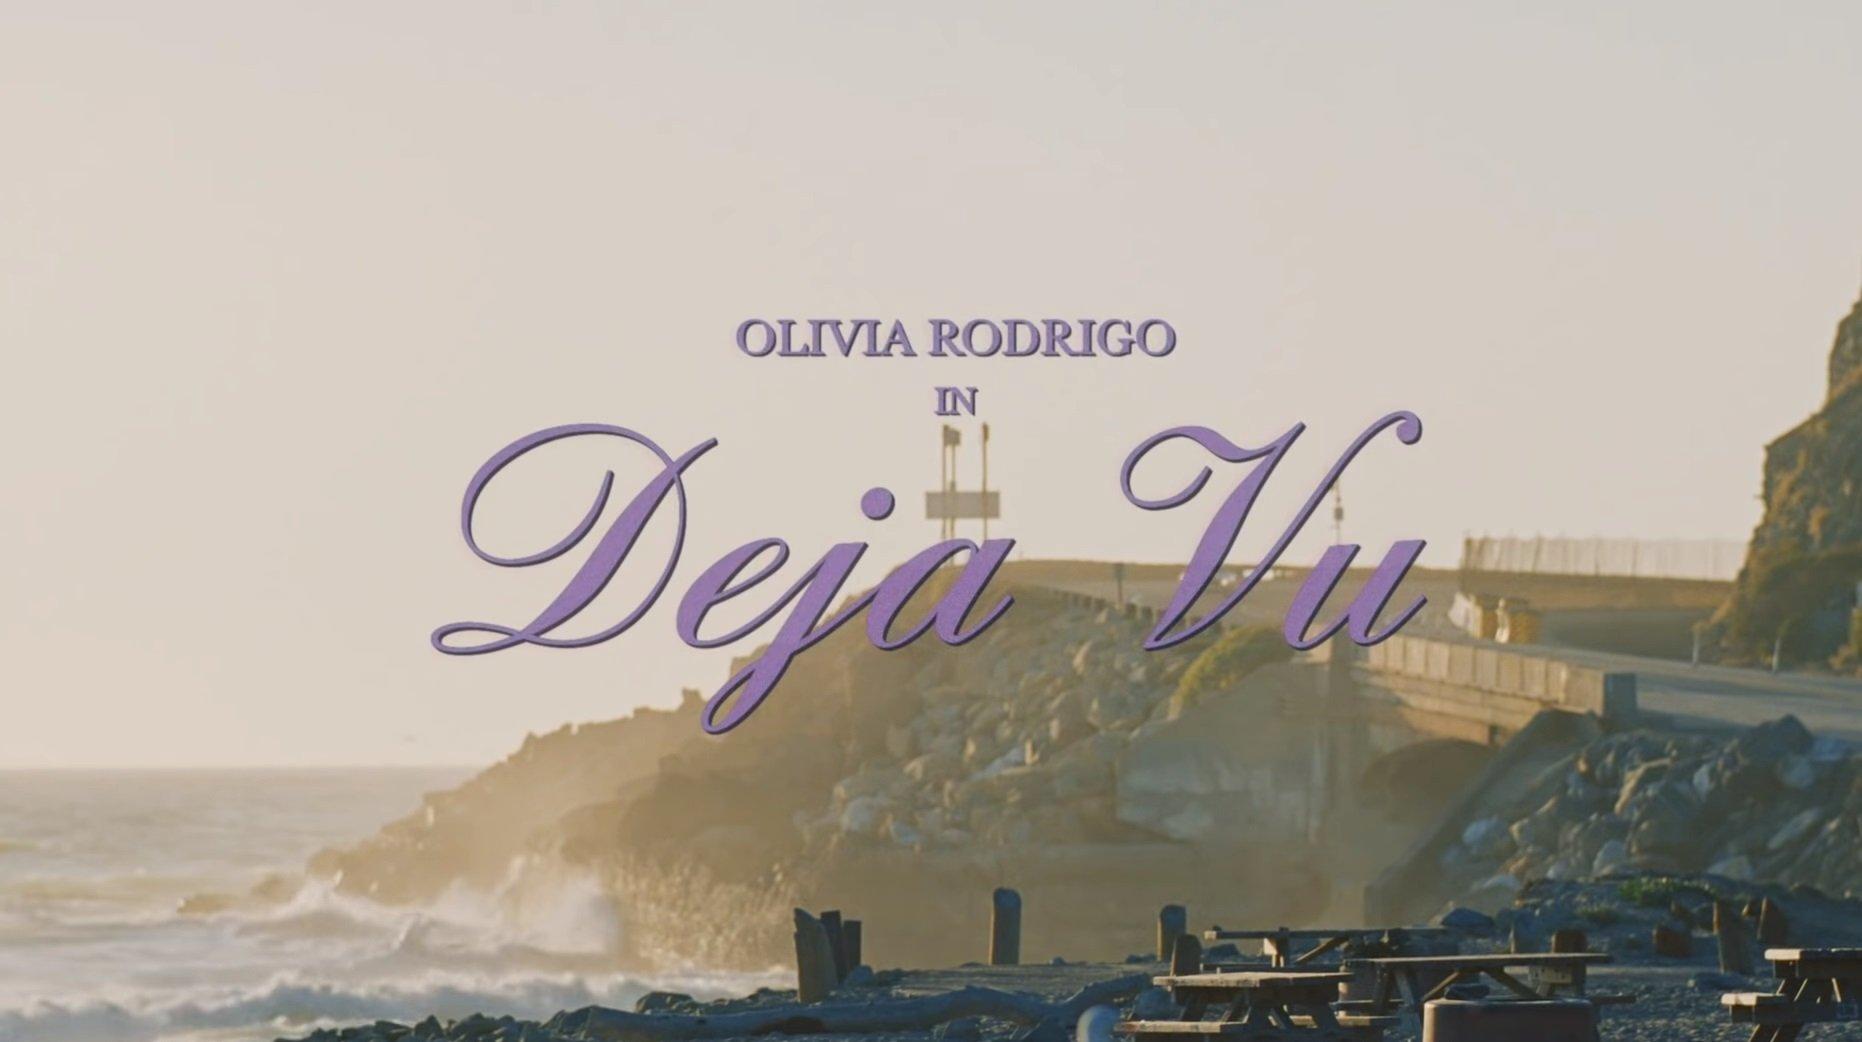 Olivia Rodrigo deja vu